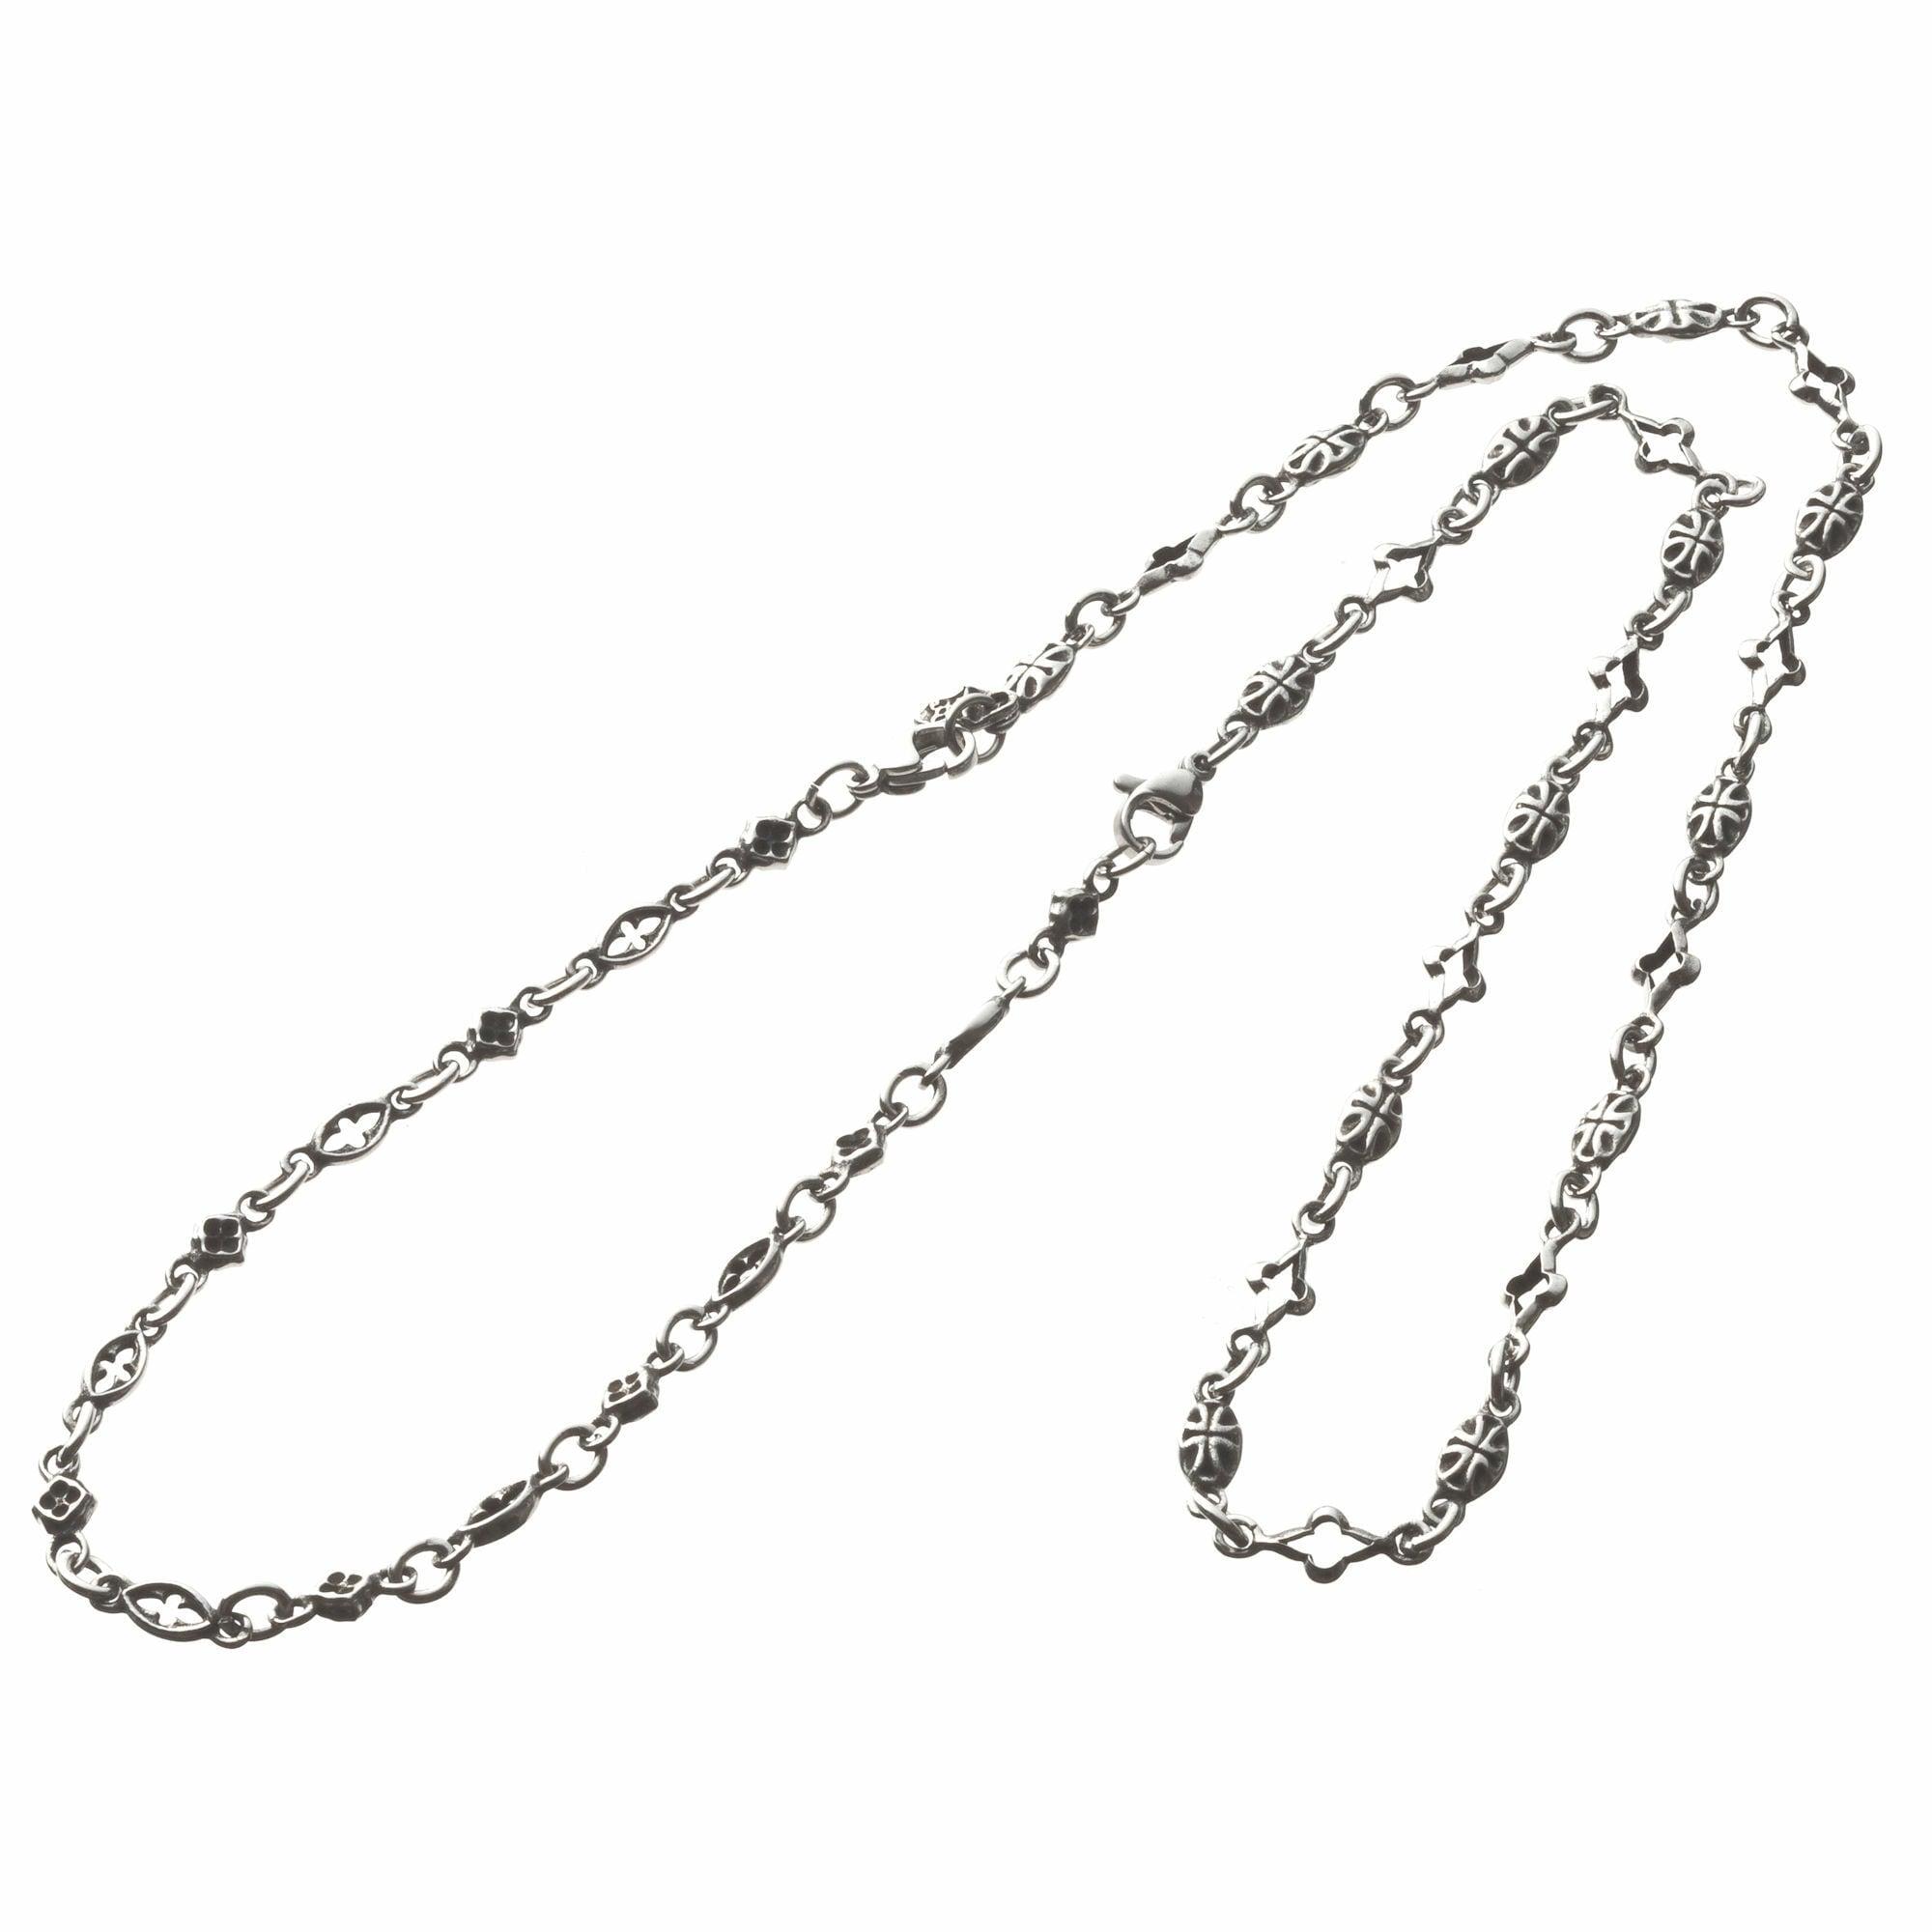 ブレスネックレスアンクレット#1 ACCN0041 Bracelet necklace anklet # 1